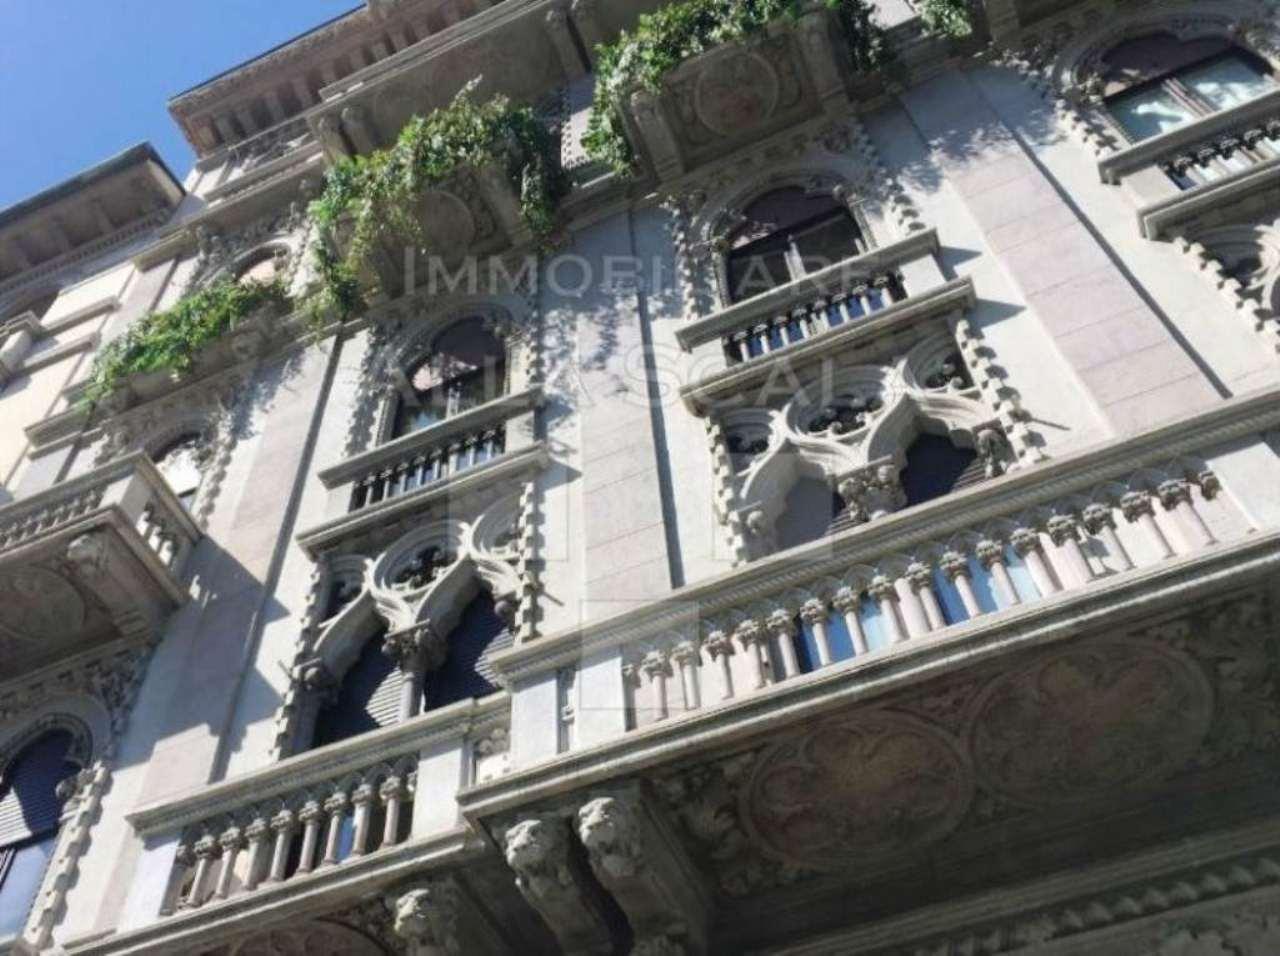 Appartamento in affitto a Milano, 5 locali, zona Zona: 1 . Centro Storico, Duomo, Brera, Cadorna, Cattolica, prezzo € 2.500 | CambioCasa.it